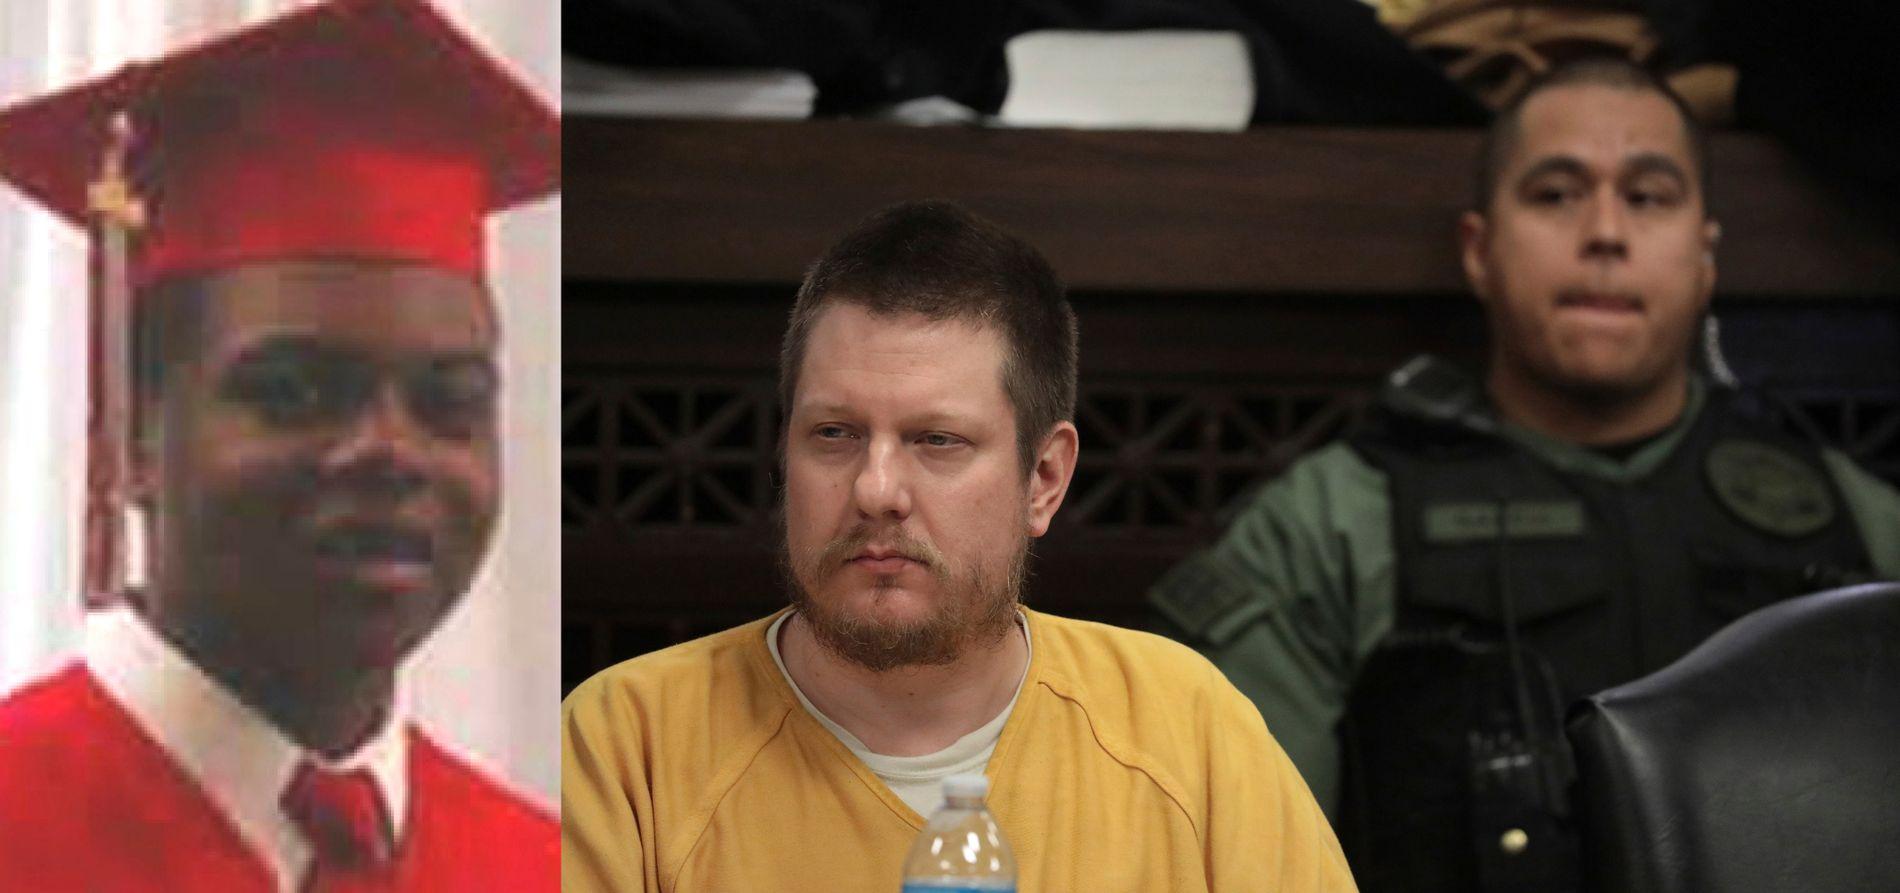 DØMT: Jason Van Dyke (i gul trøye) ble fredag dømt til fengsel for drapet på Laquan McDonald.